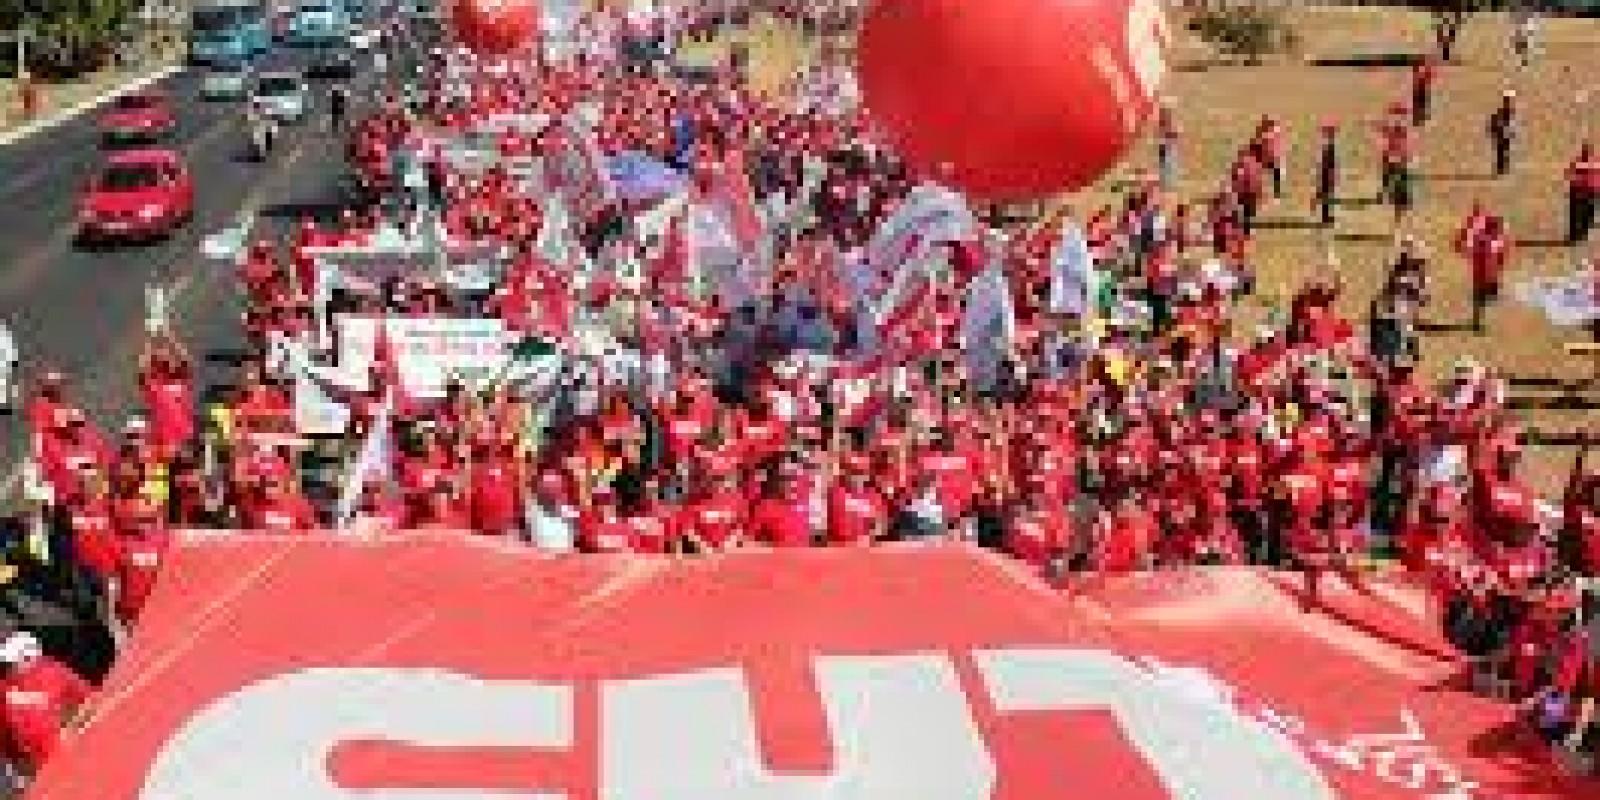 CUT pede que trabalhadores sigam em luta contra reforma trabalhista